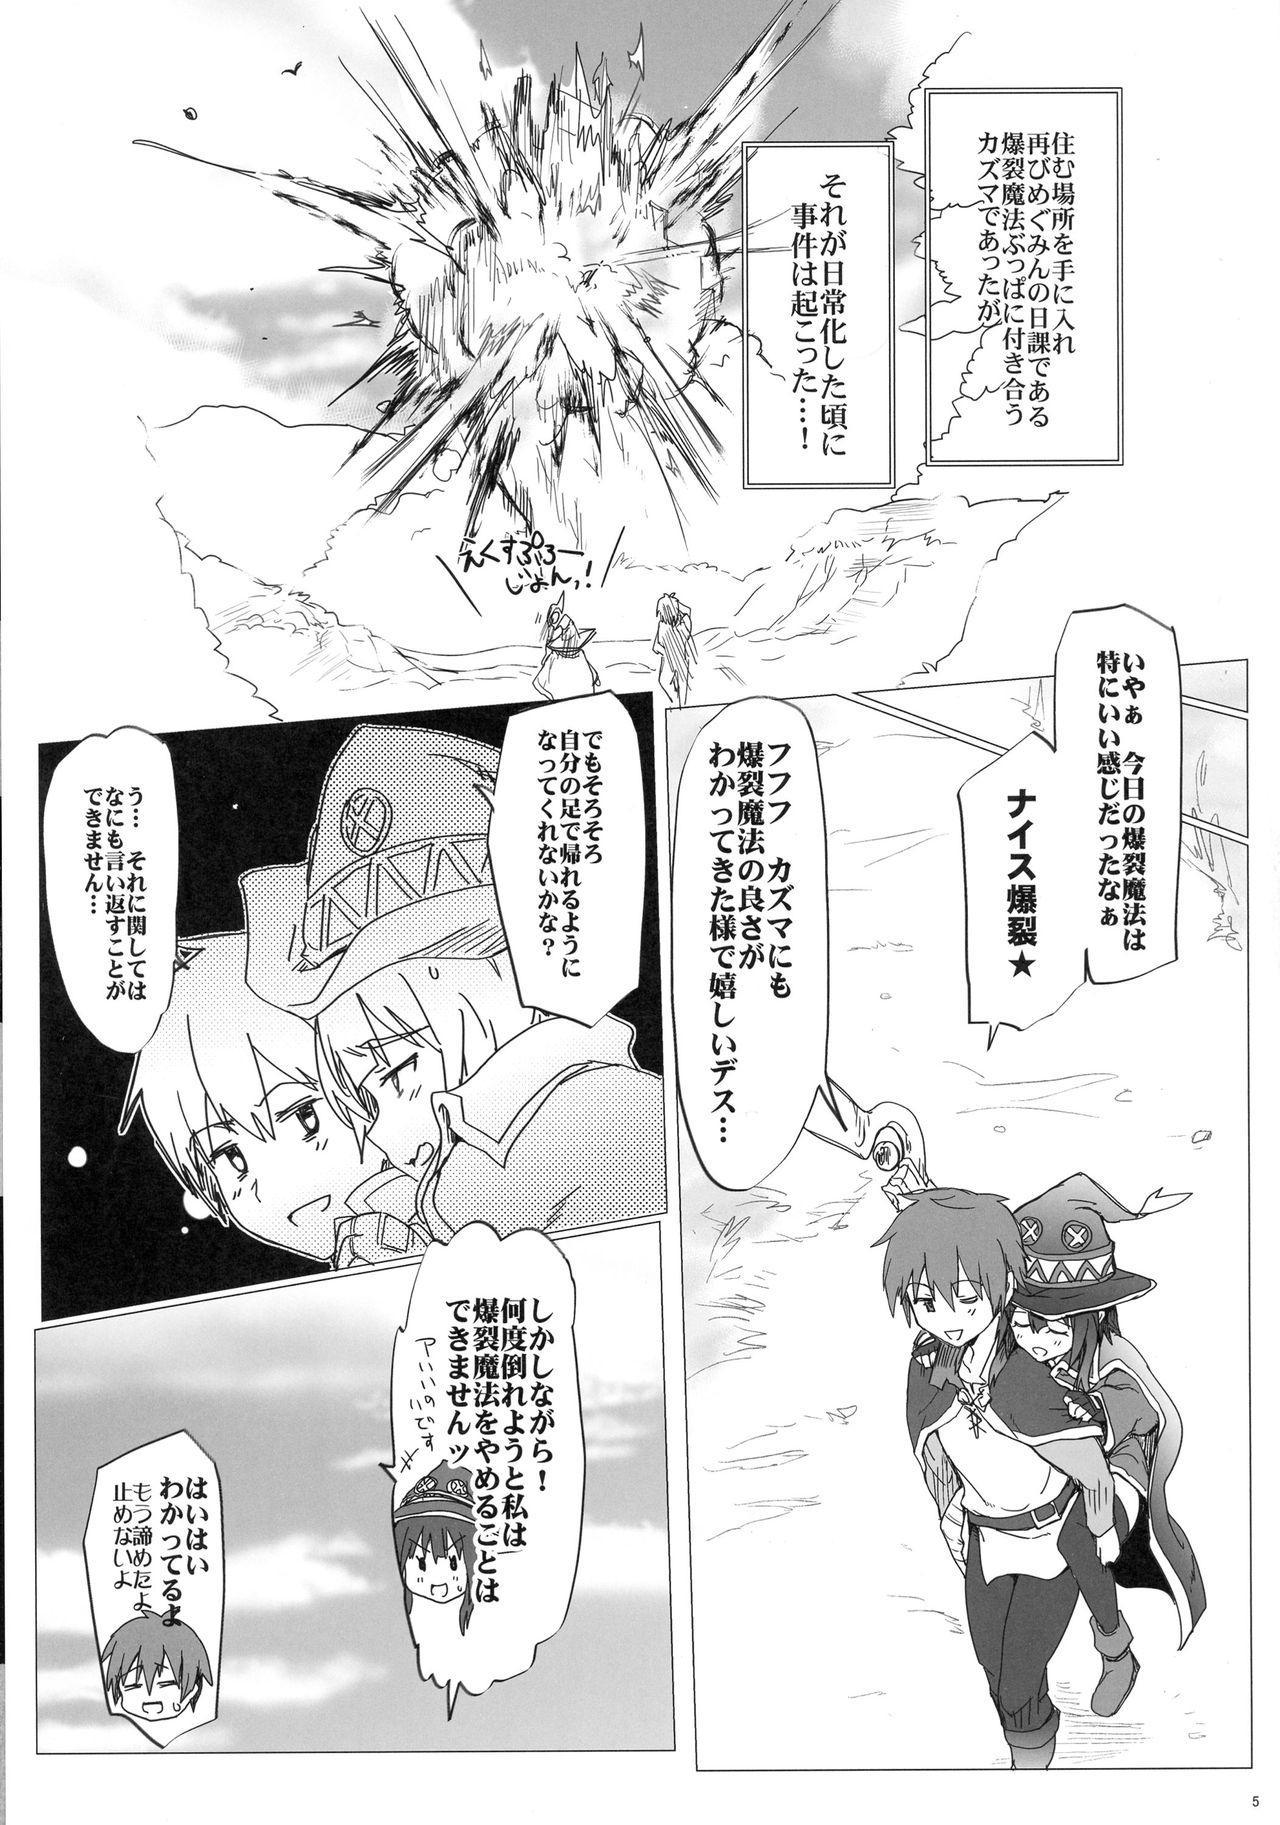 Ano Subarashii Ero o Mouichido 4